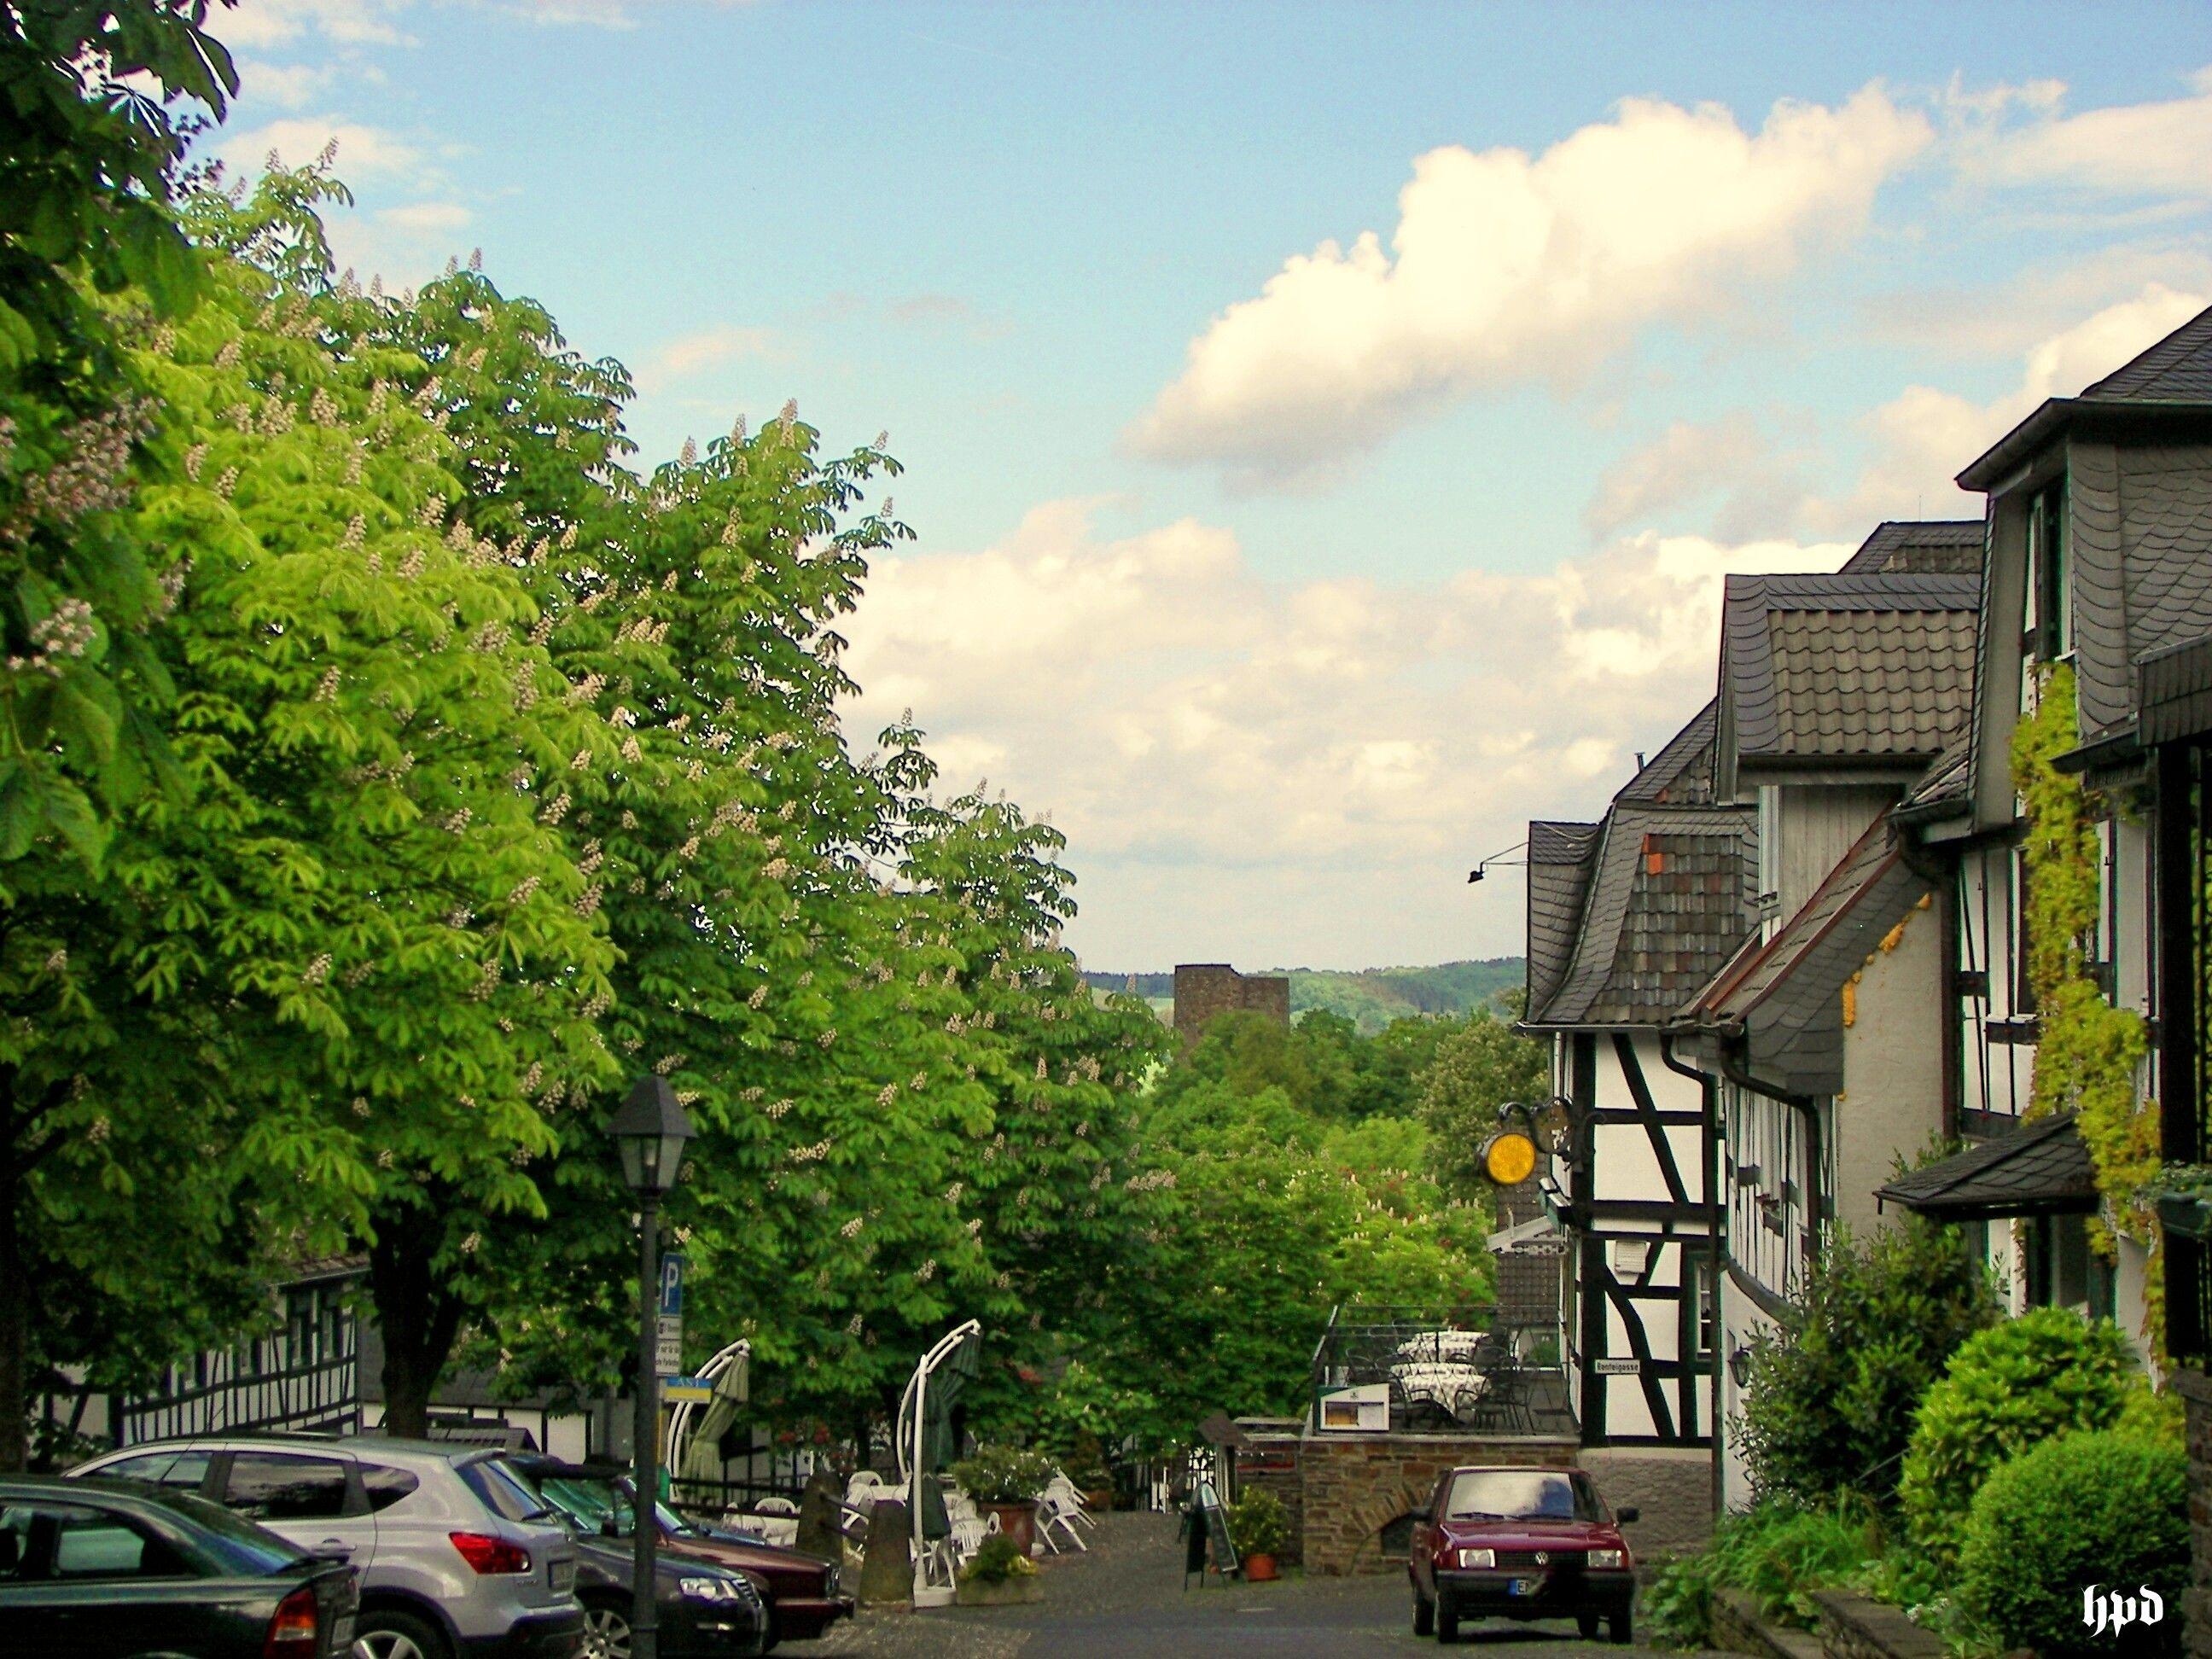 nordrhein-westfalen meine stadt singlebörse